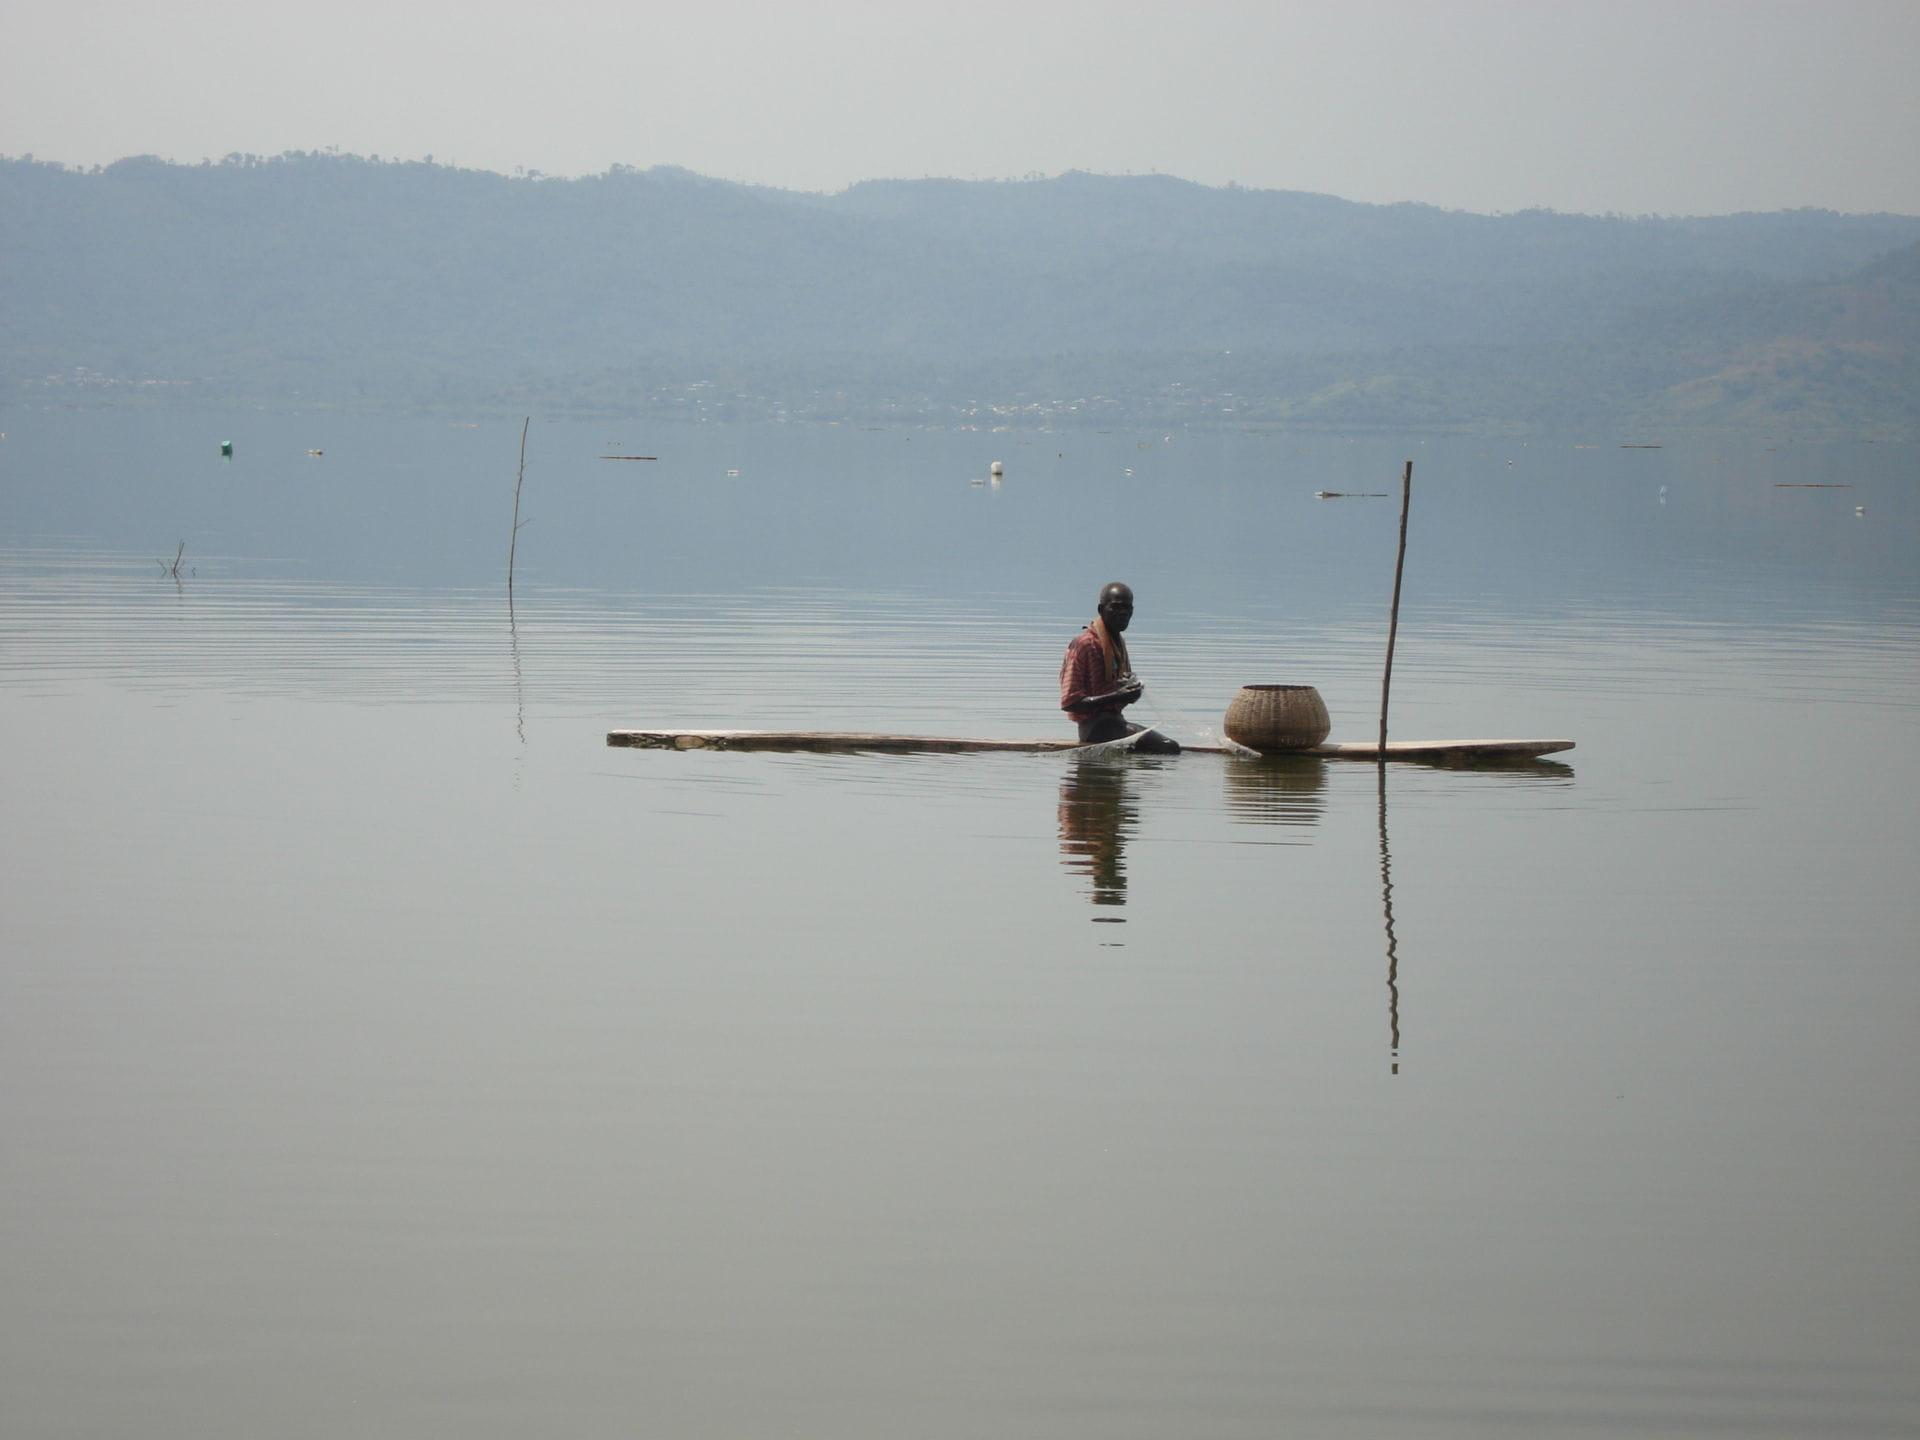 Fisher on Lake BosUmtwe